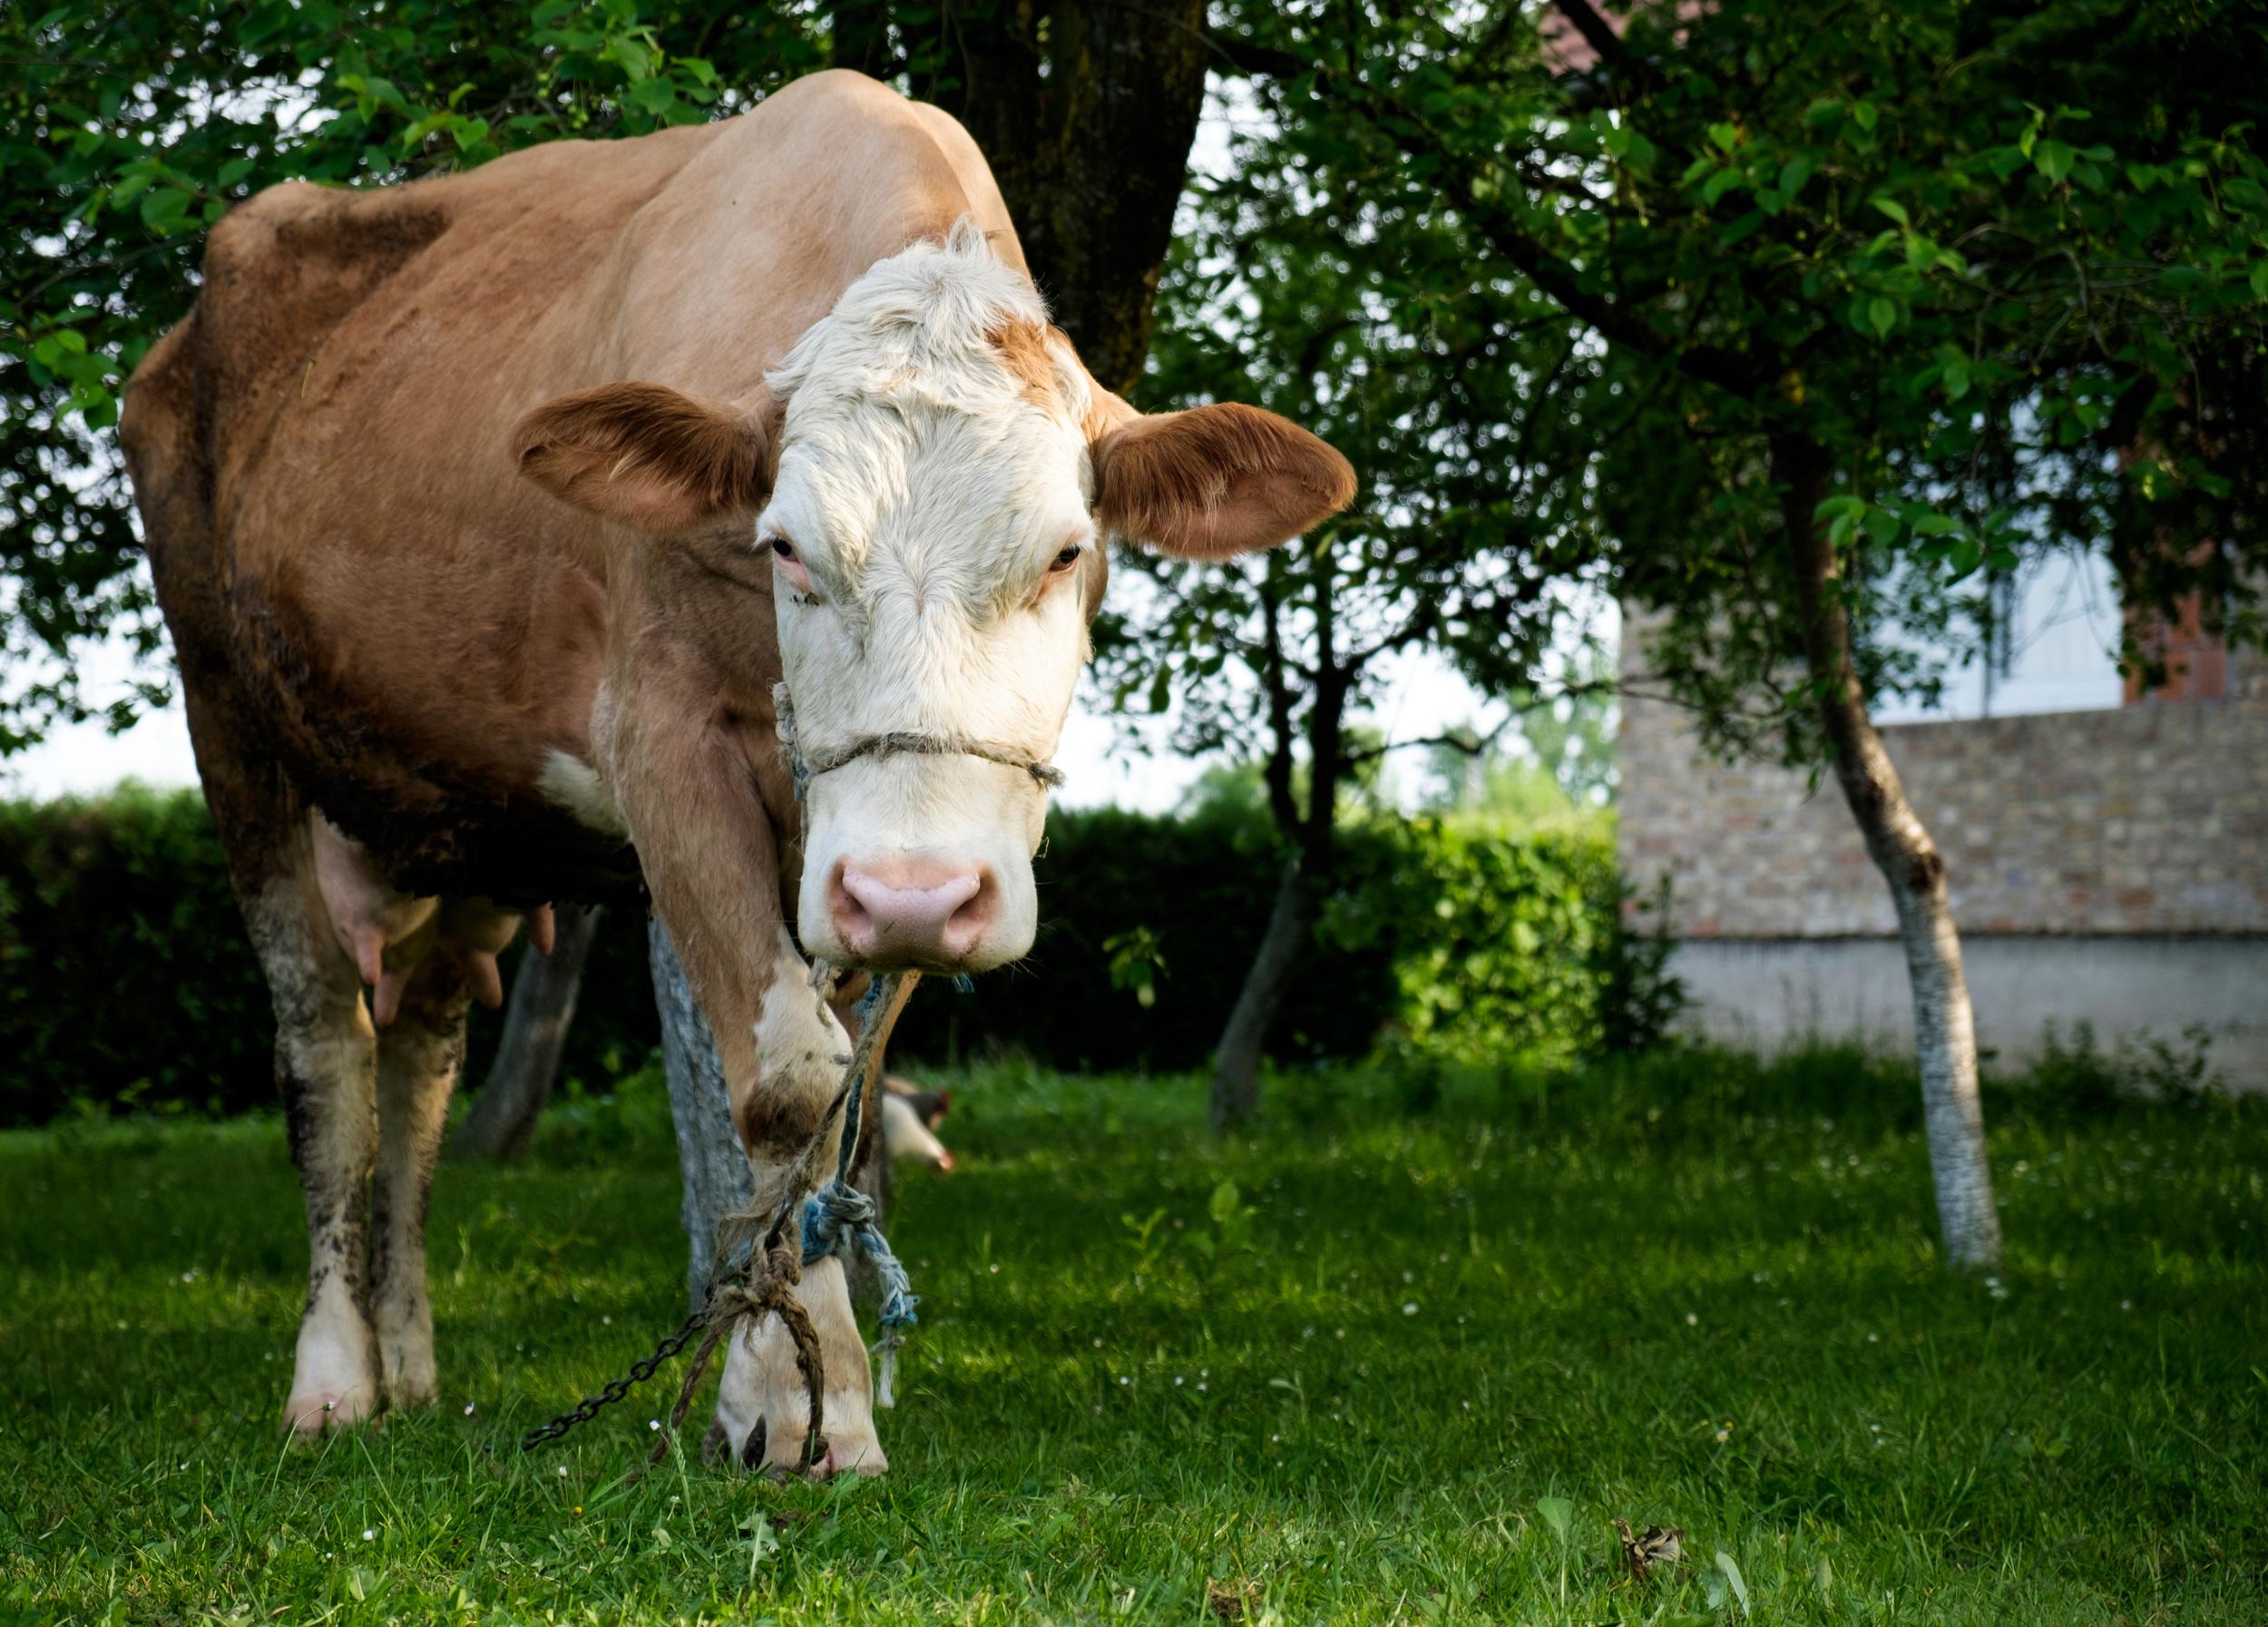 Une vache comme animal domestique, pourquoi pas.